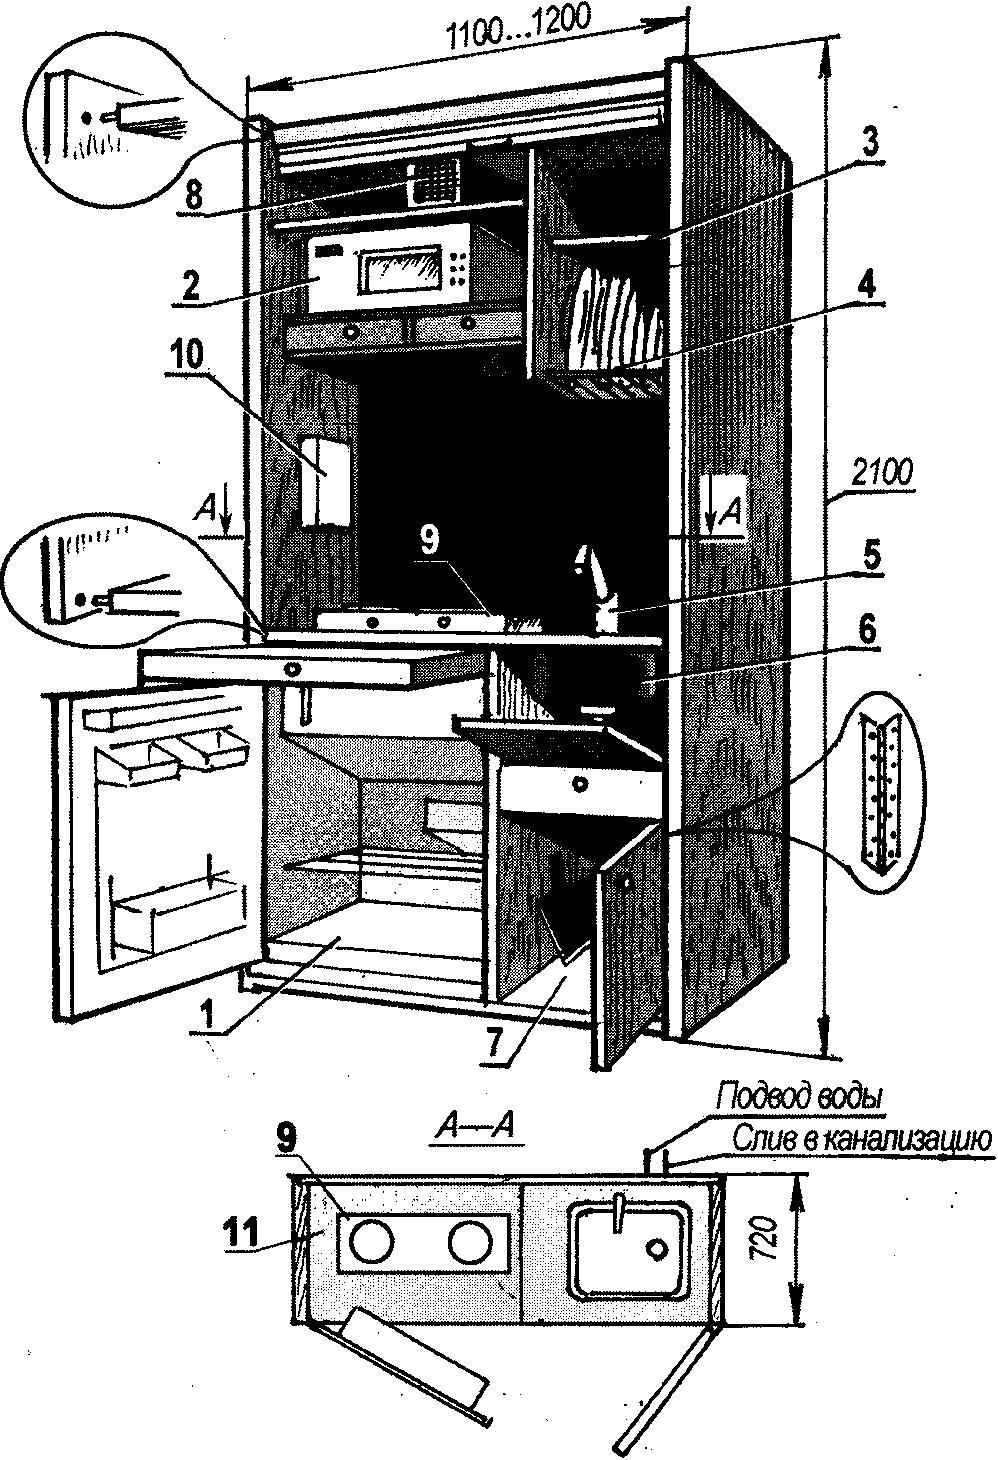 Рис. 2 . Оборудование мини-кухни